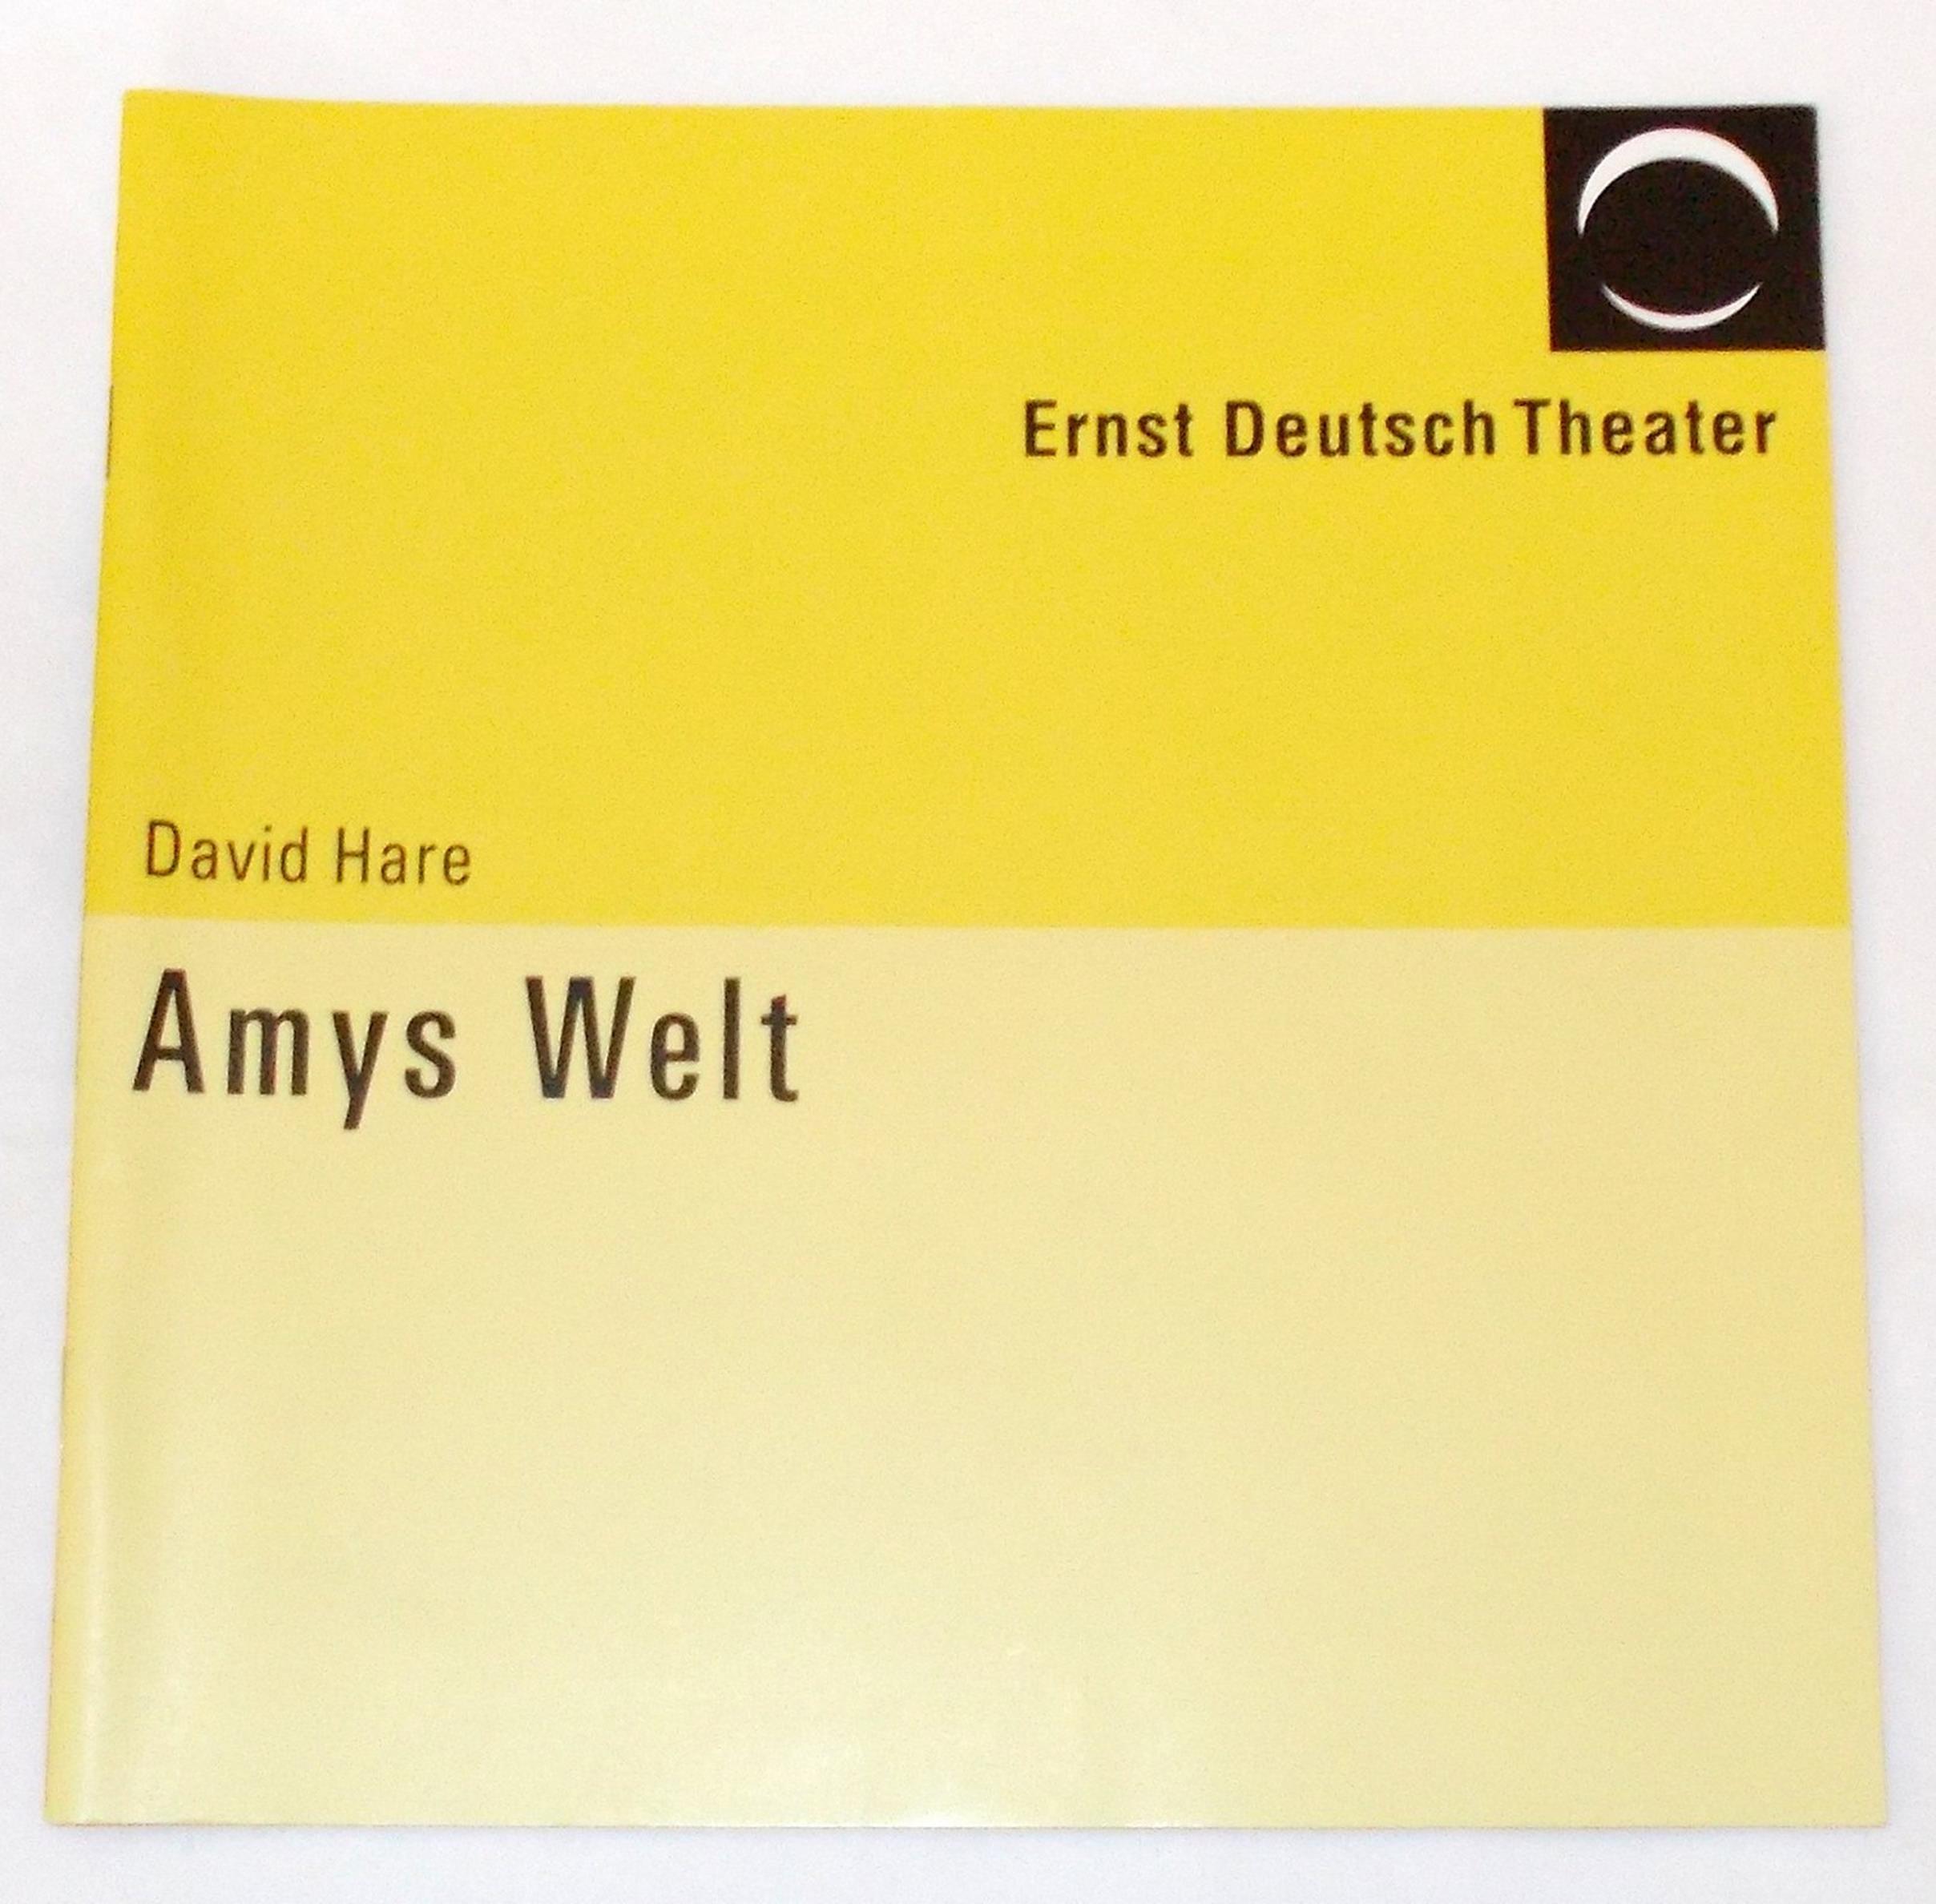 Programmheft Amys Welt von David Hare. Ernst Deutsch Theater 2005